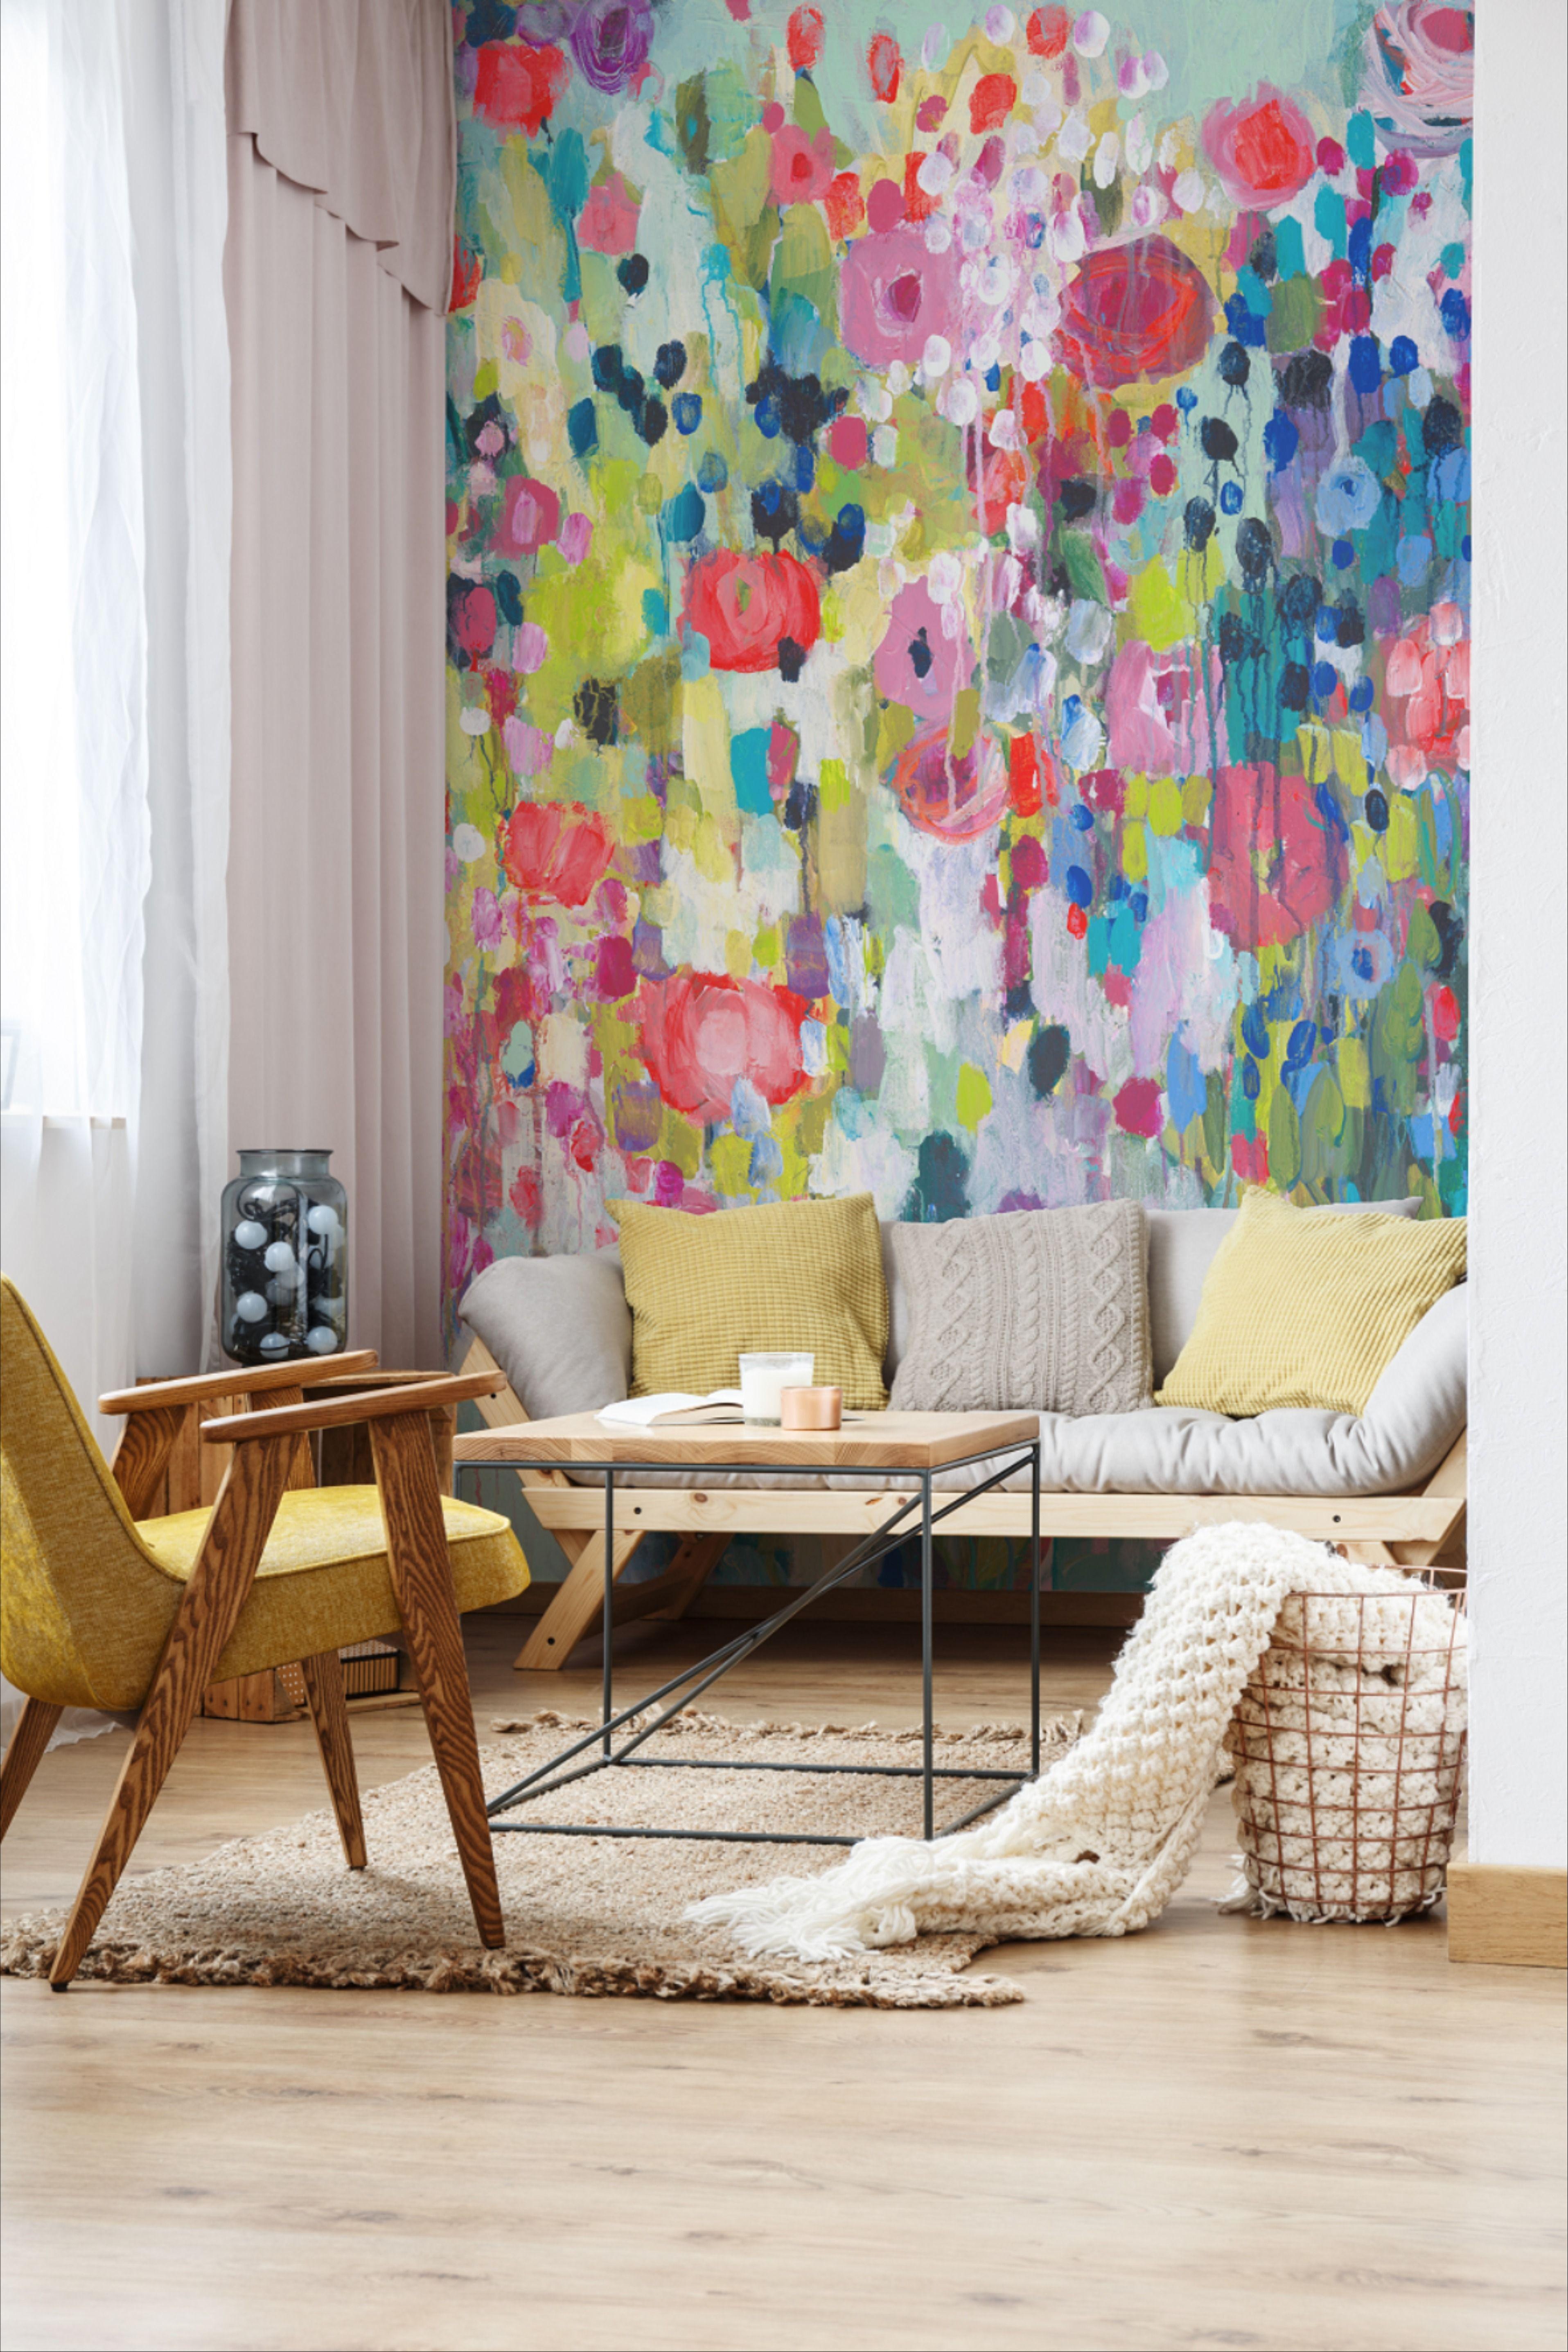 Floral Wallpaper Living Room Decor Floral Wallpaper Accent Wall Floral Wallpaper Bedroom Wallpaper Living Room Accent Wall Feature Wall Wallpaper